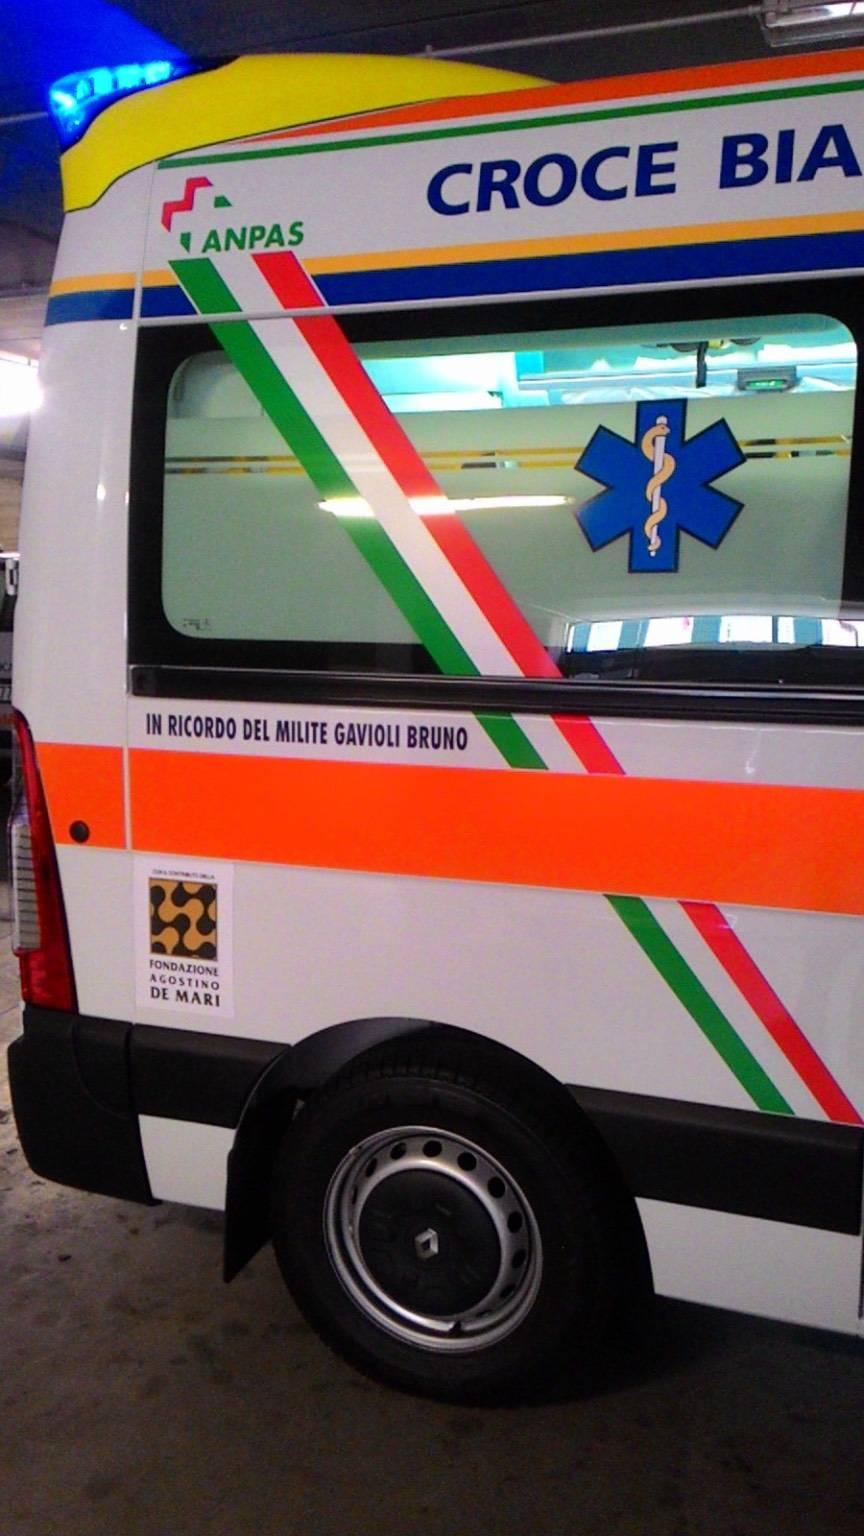 Una Nuova Ambulanza Per La Croce Bianca Di Finale Ligure Acquistata